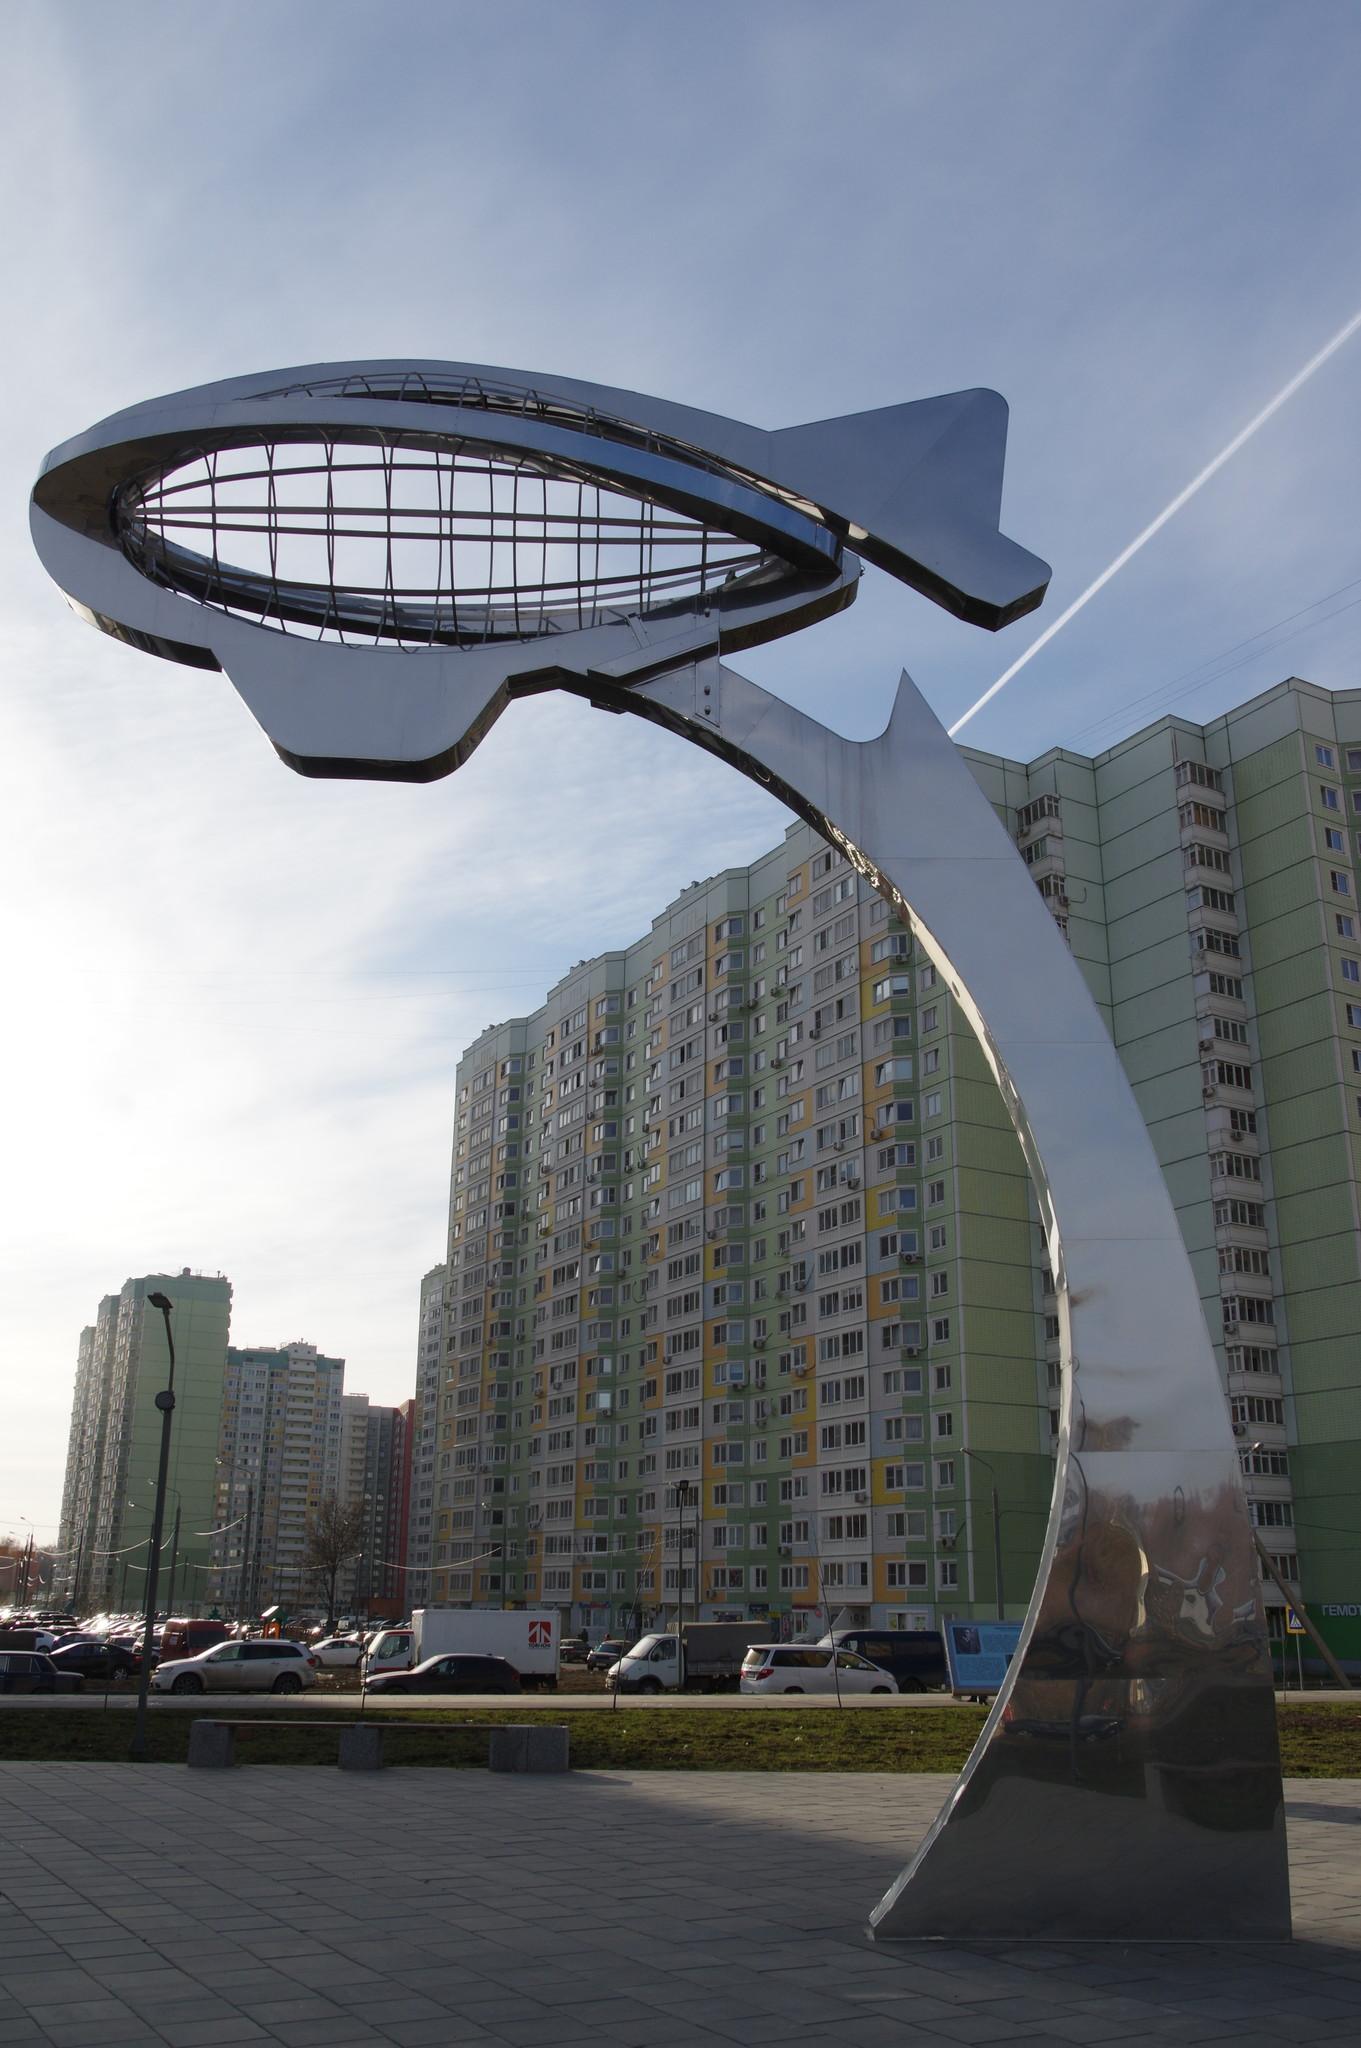 Памятник дирижаблю на бульваре Умберто Нобиле в Долгопрудном